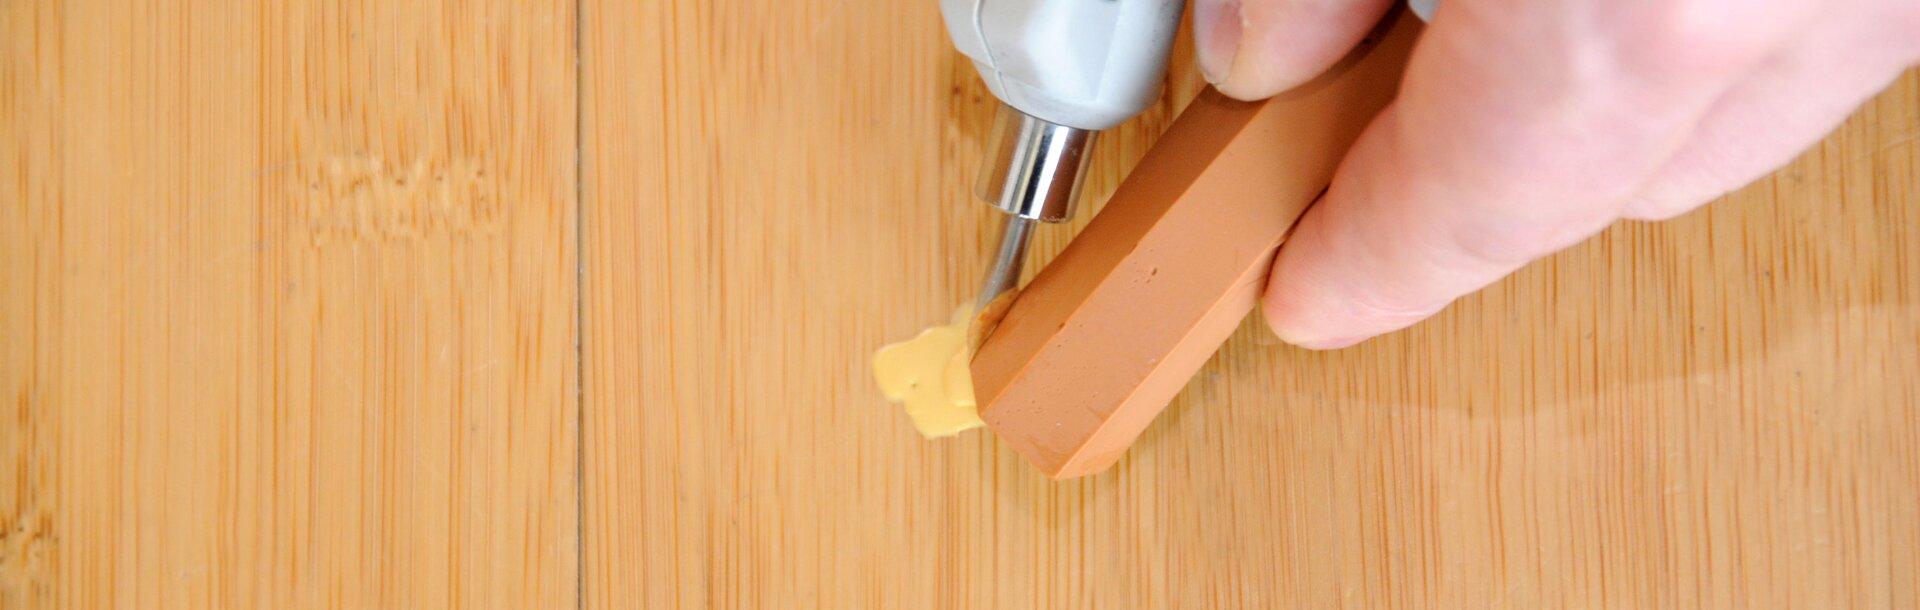 Come Sistemare Una Porta In Legno correggere i graffi profondi nel legno - adler vernici